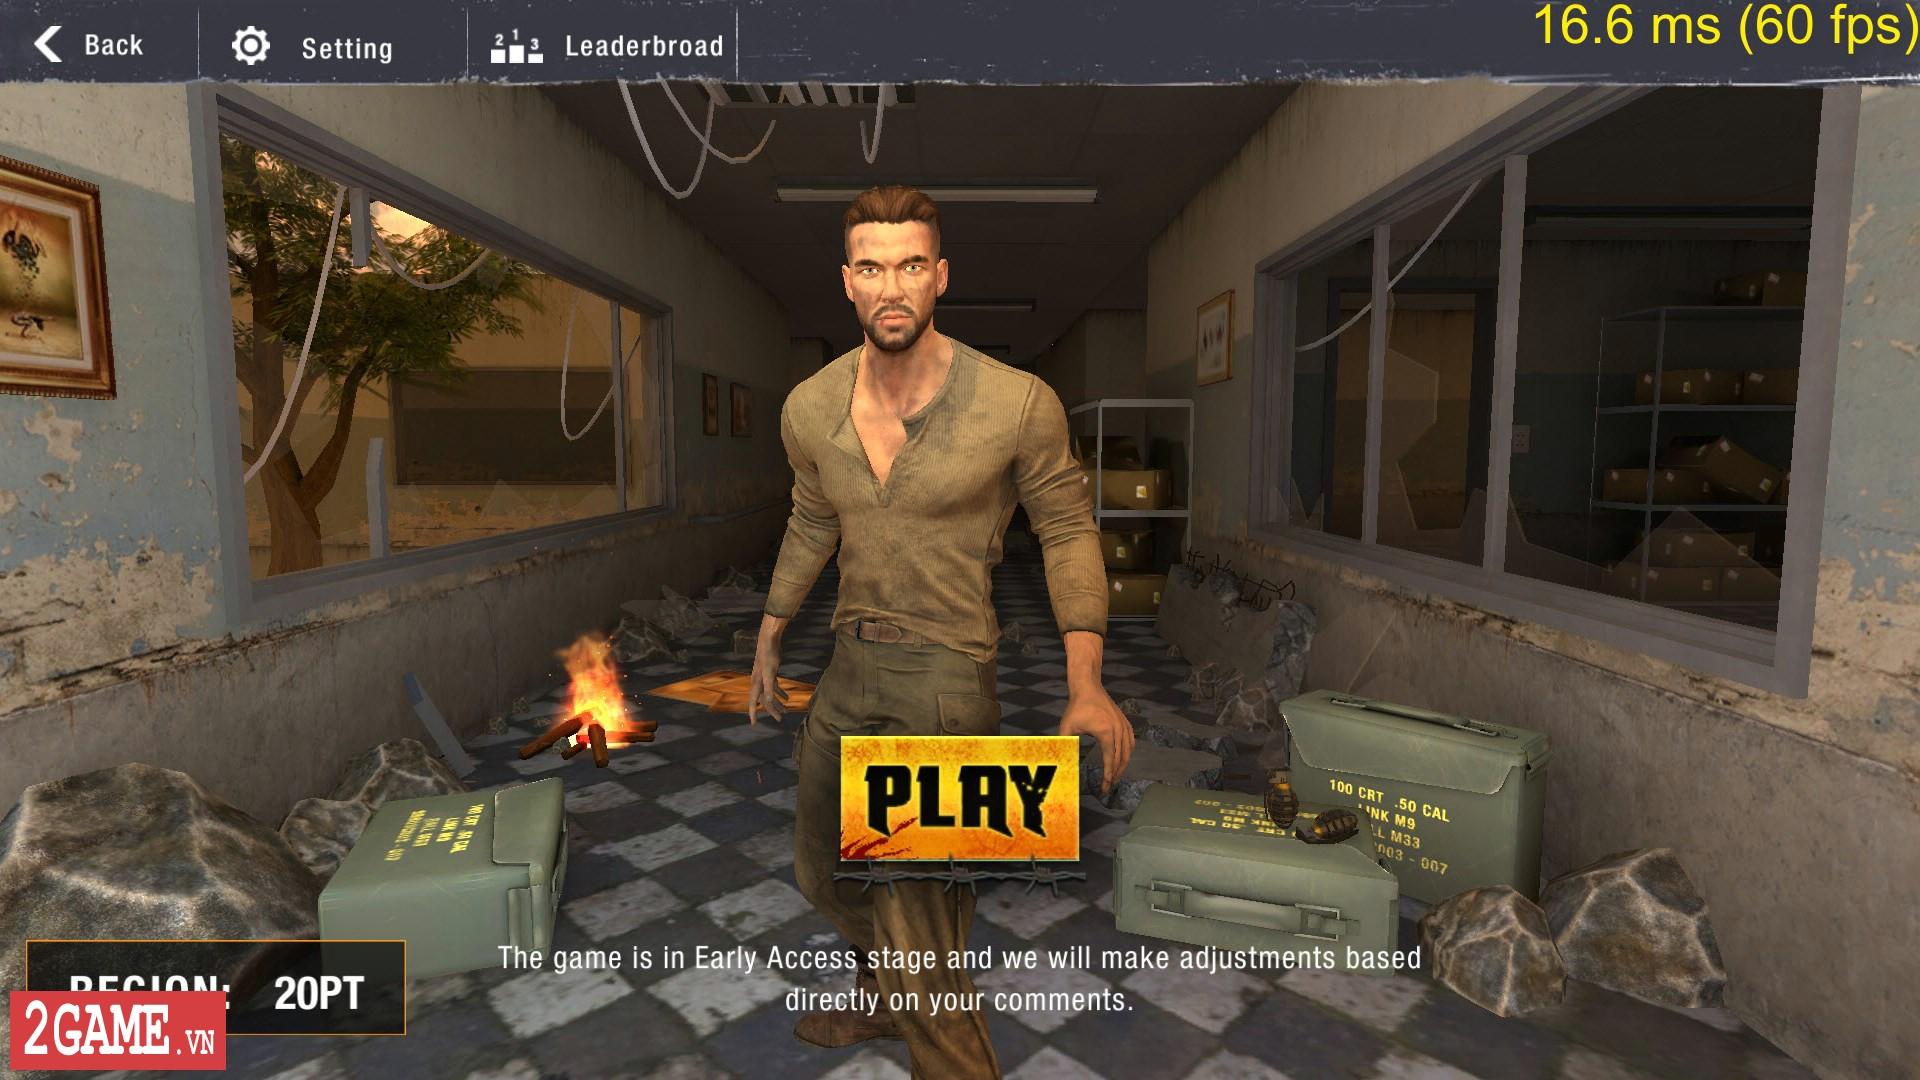 Tổng quan về lối chơi sinh tử của Bullet Strike: Battlegrounds 8